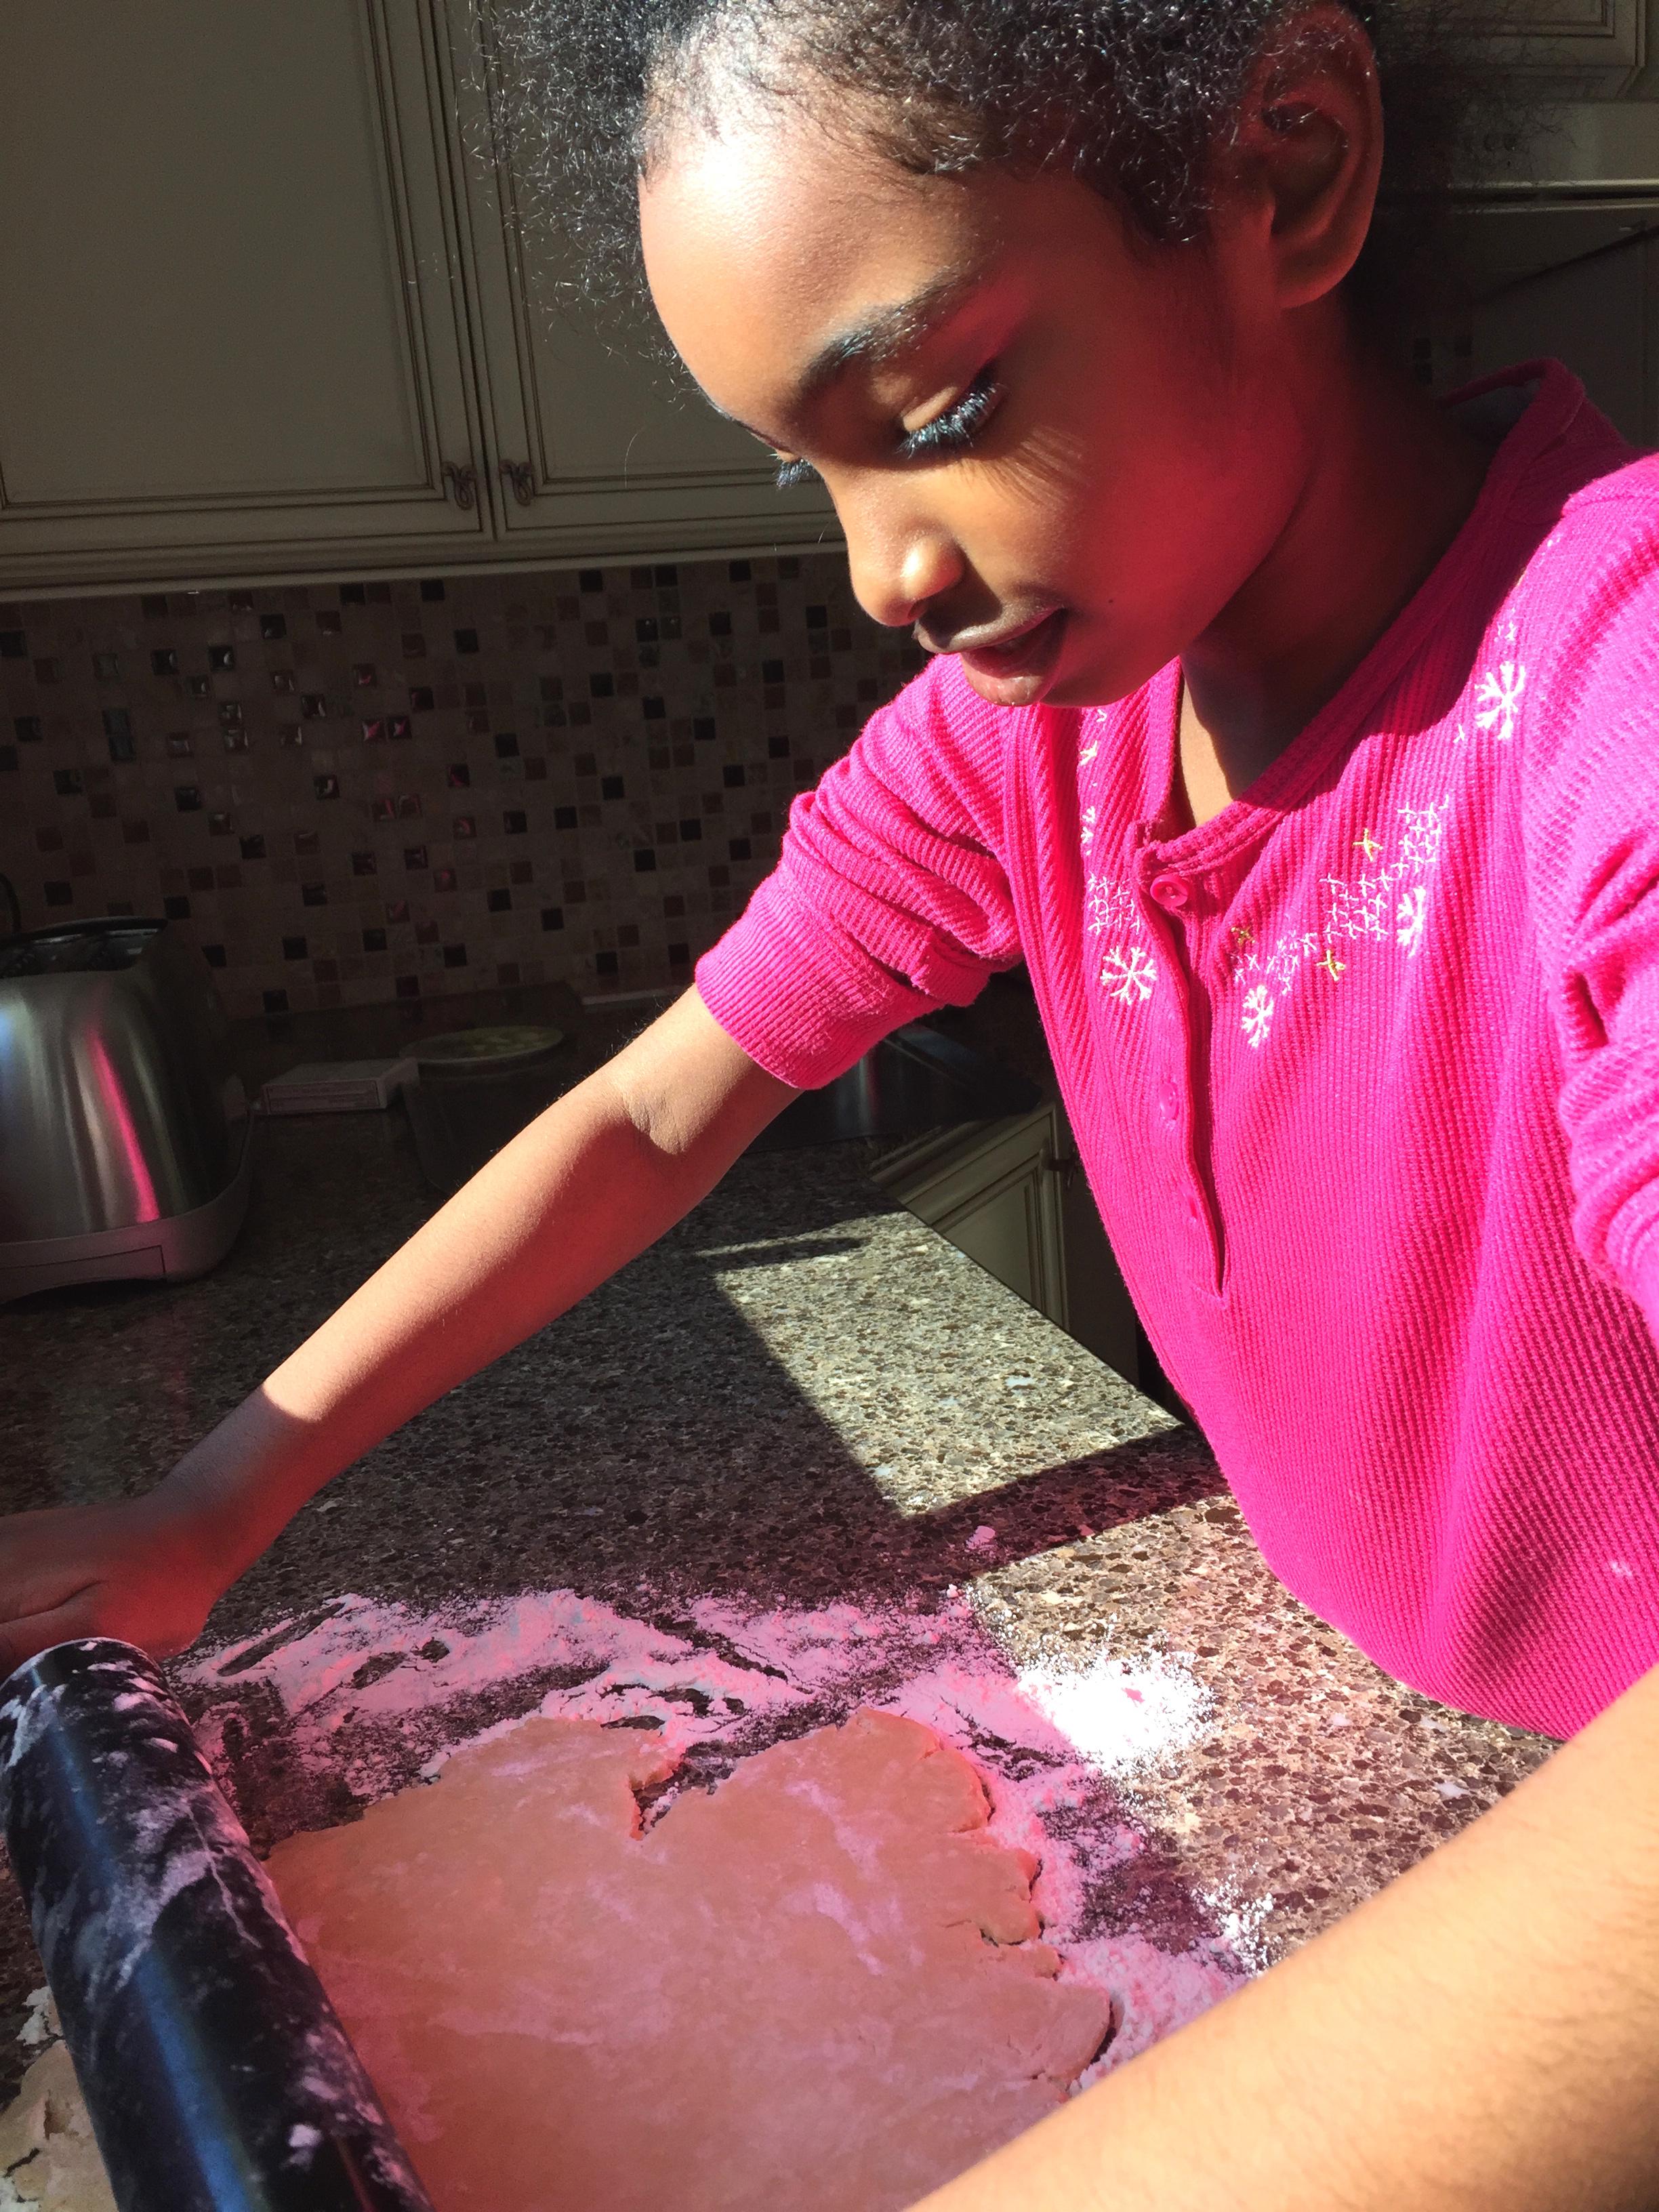 J baking